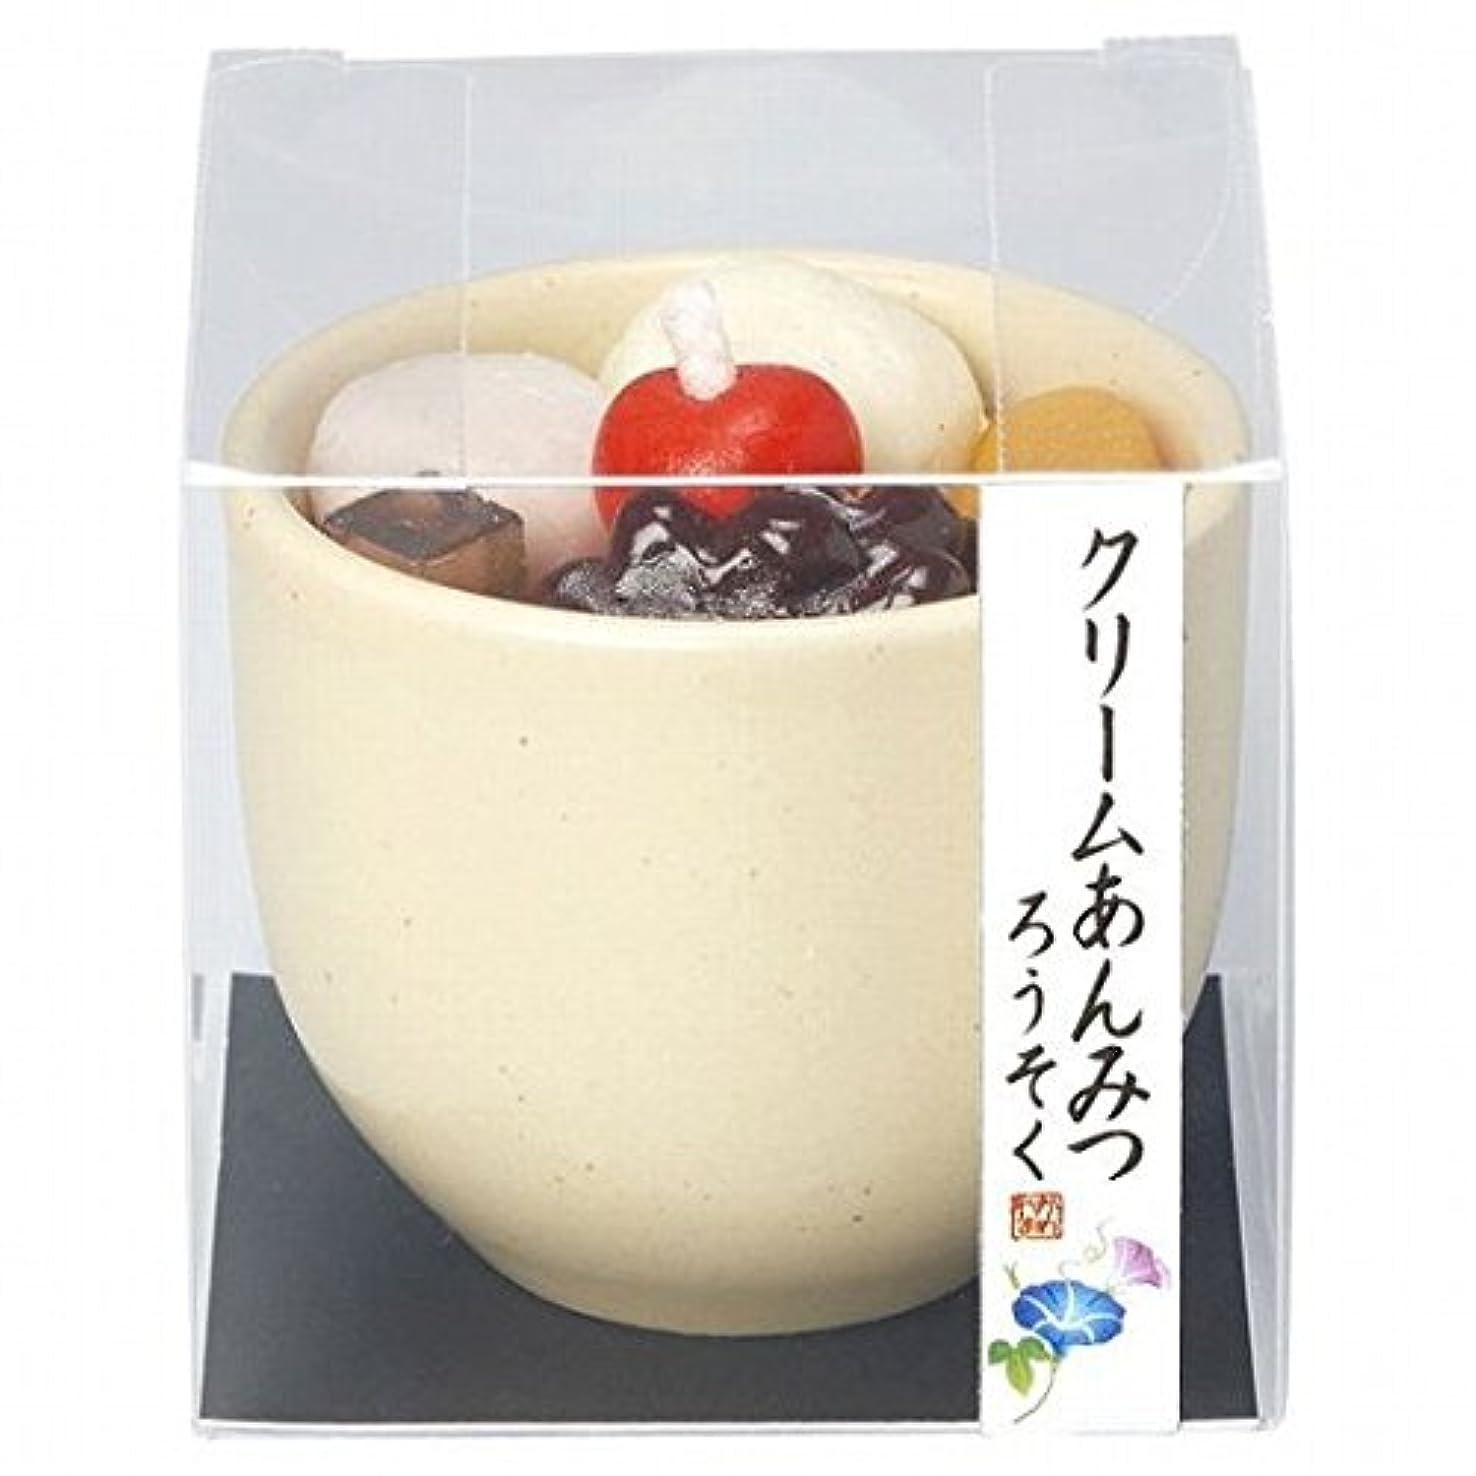 カセット人に関する限り文字通りkameyama candle(カメヤマキャンドル) クリームあんみつキャンドル(86220000)